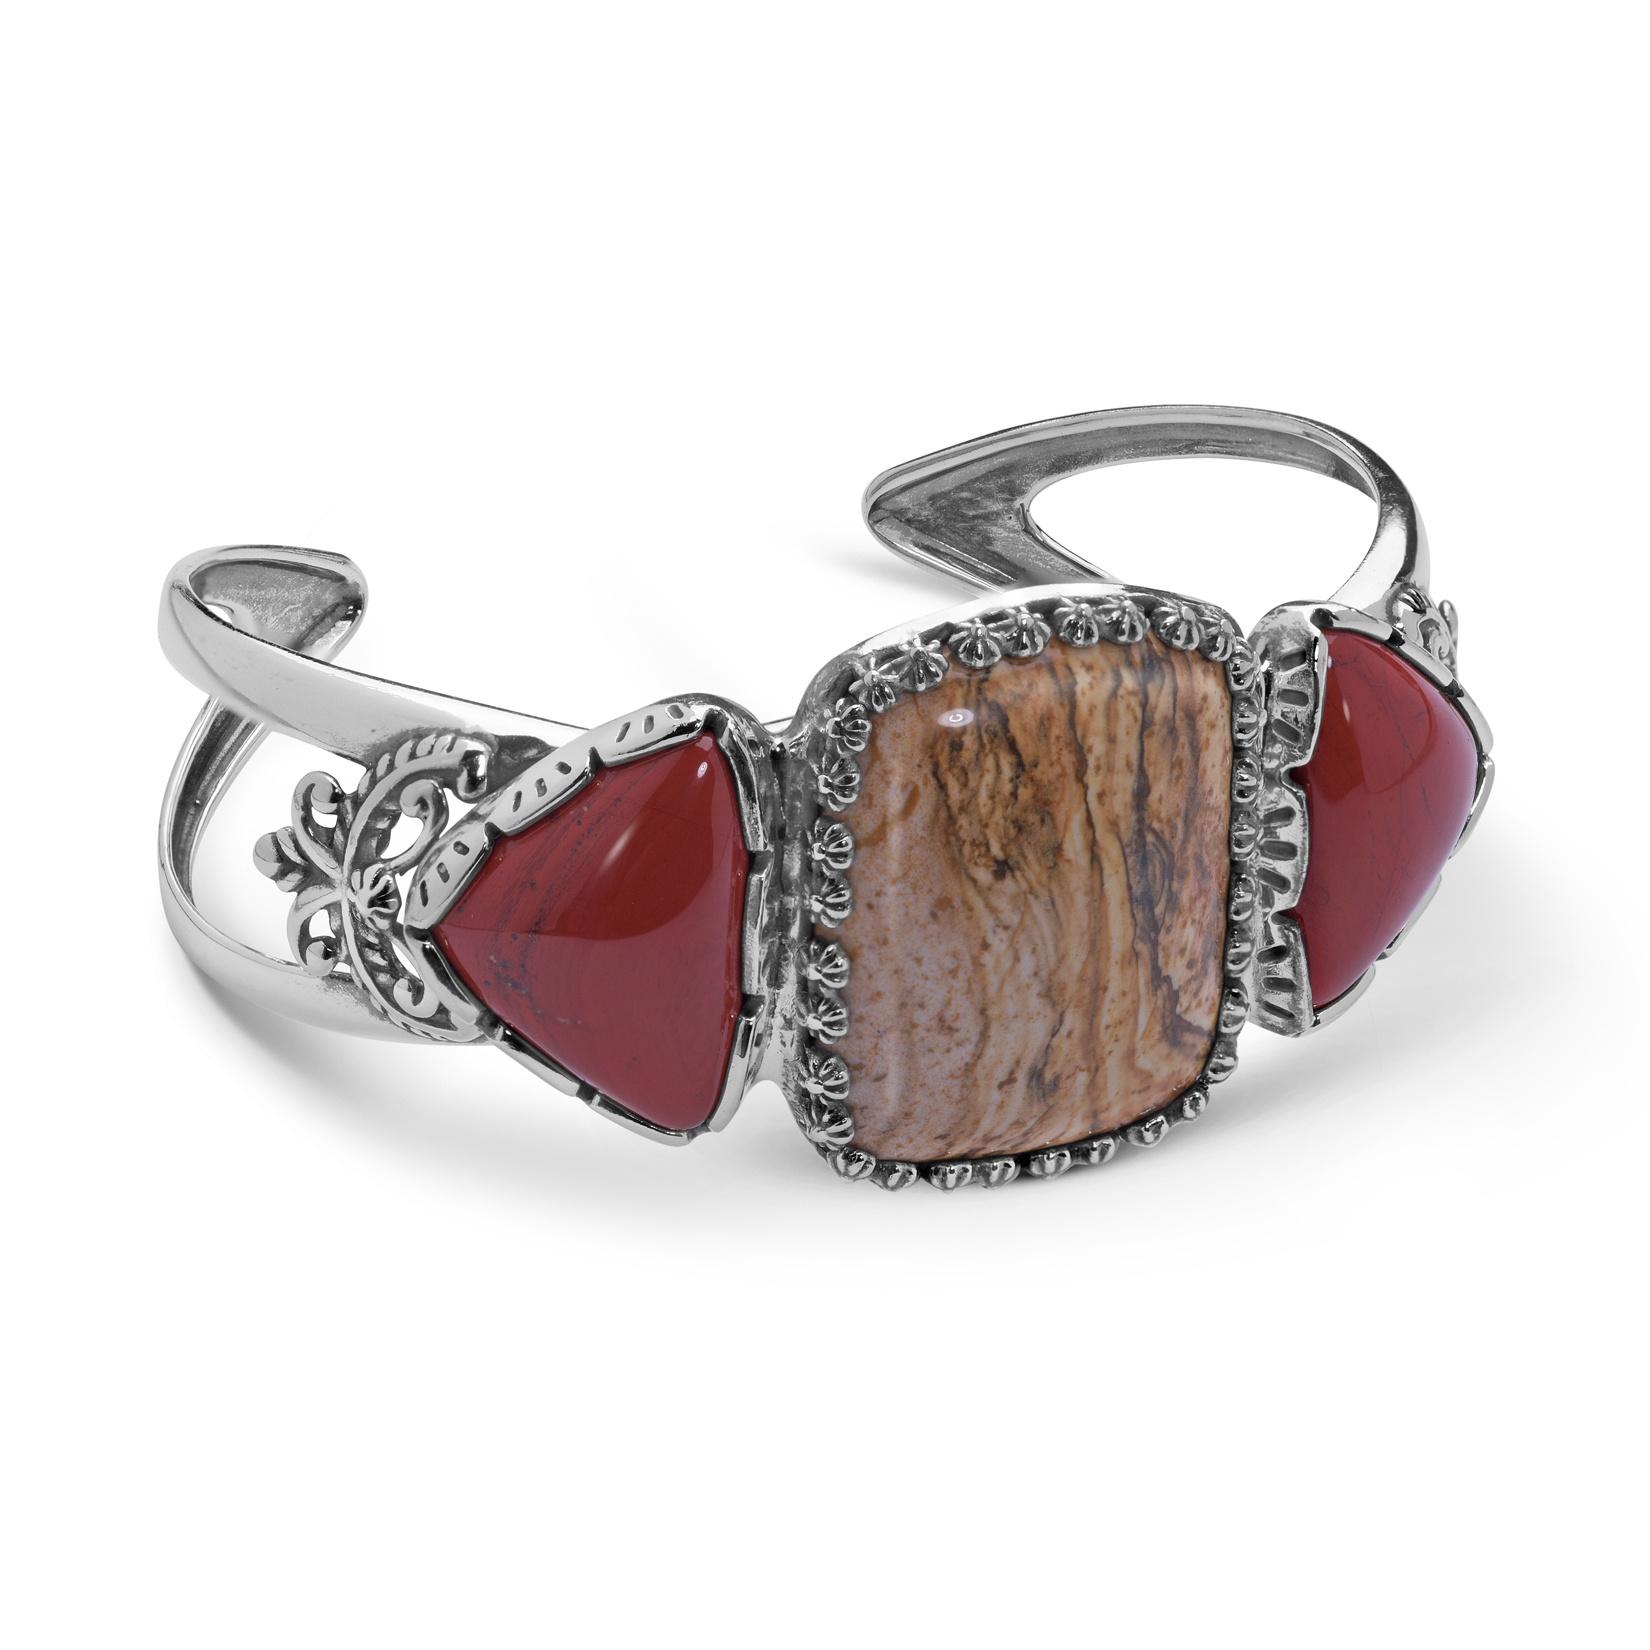 Sterling Silver Red Jasper and Picture Jasper Gemstone Cuff Bracelet Size S, M or L